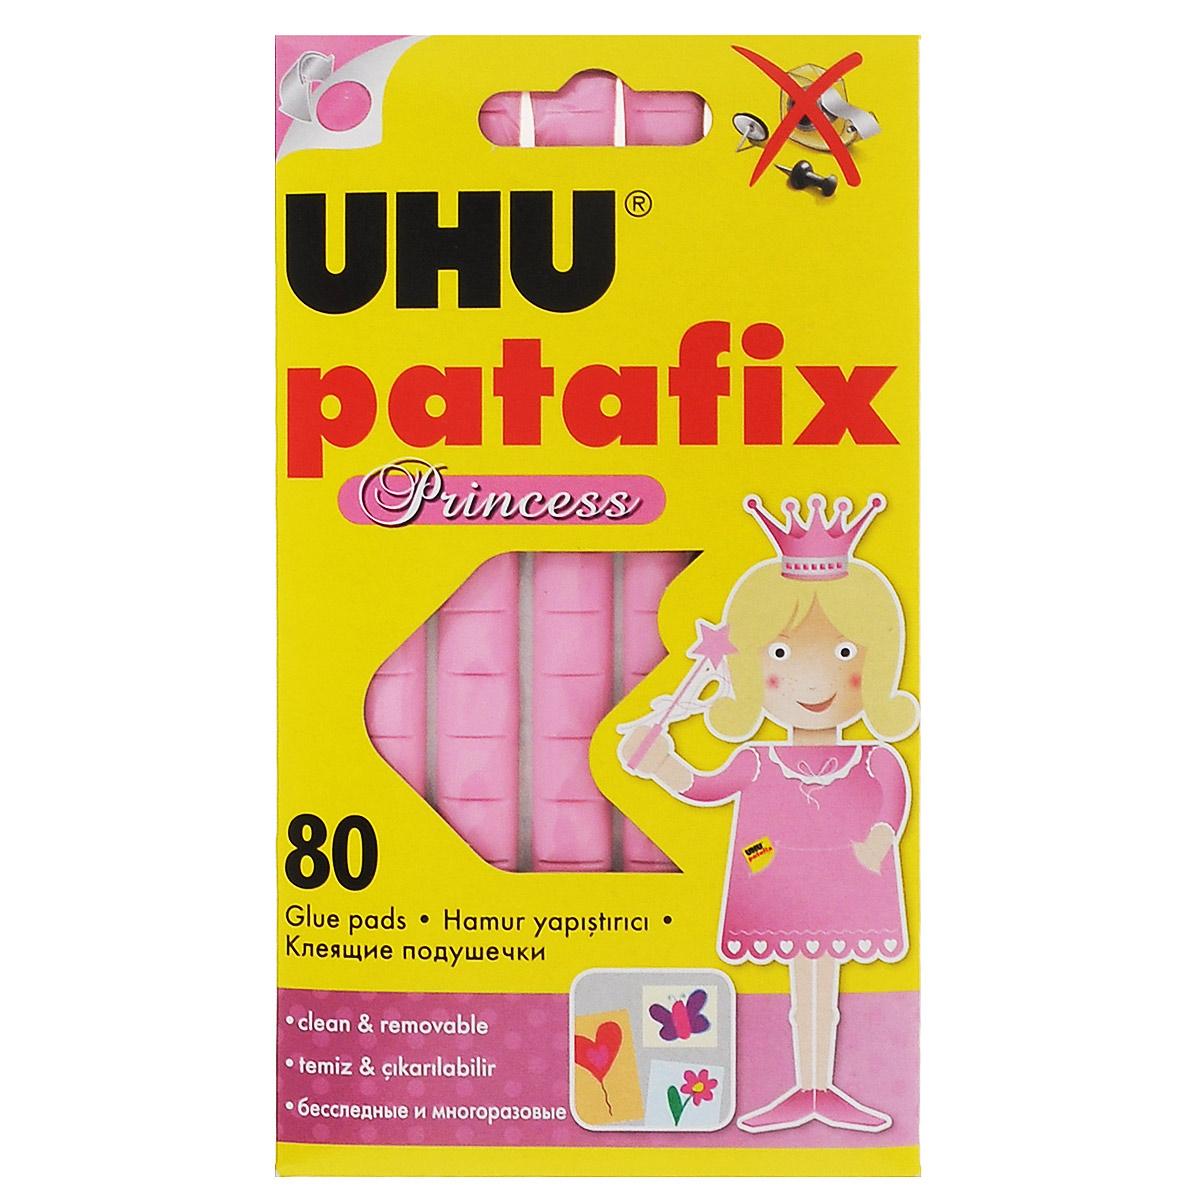 Специальные подушечки UHU Patafix. Princess предназначены для быстрой и чистой фиксации рисунков, фотографий, постеров и других лекгих вещей на различных поверхностях, таких как стены, двери, мебель. Не оставляют следов. Многоразовые. Могут использоваться в доме, детском саду или школе. Рекомендовано детям старше трех лет.